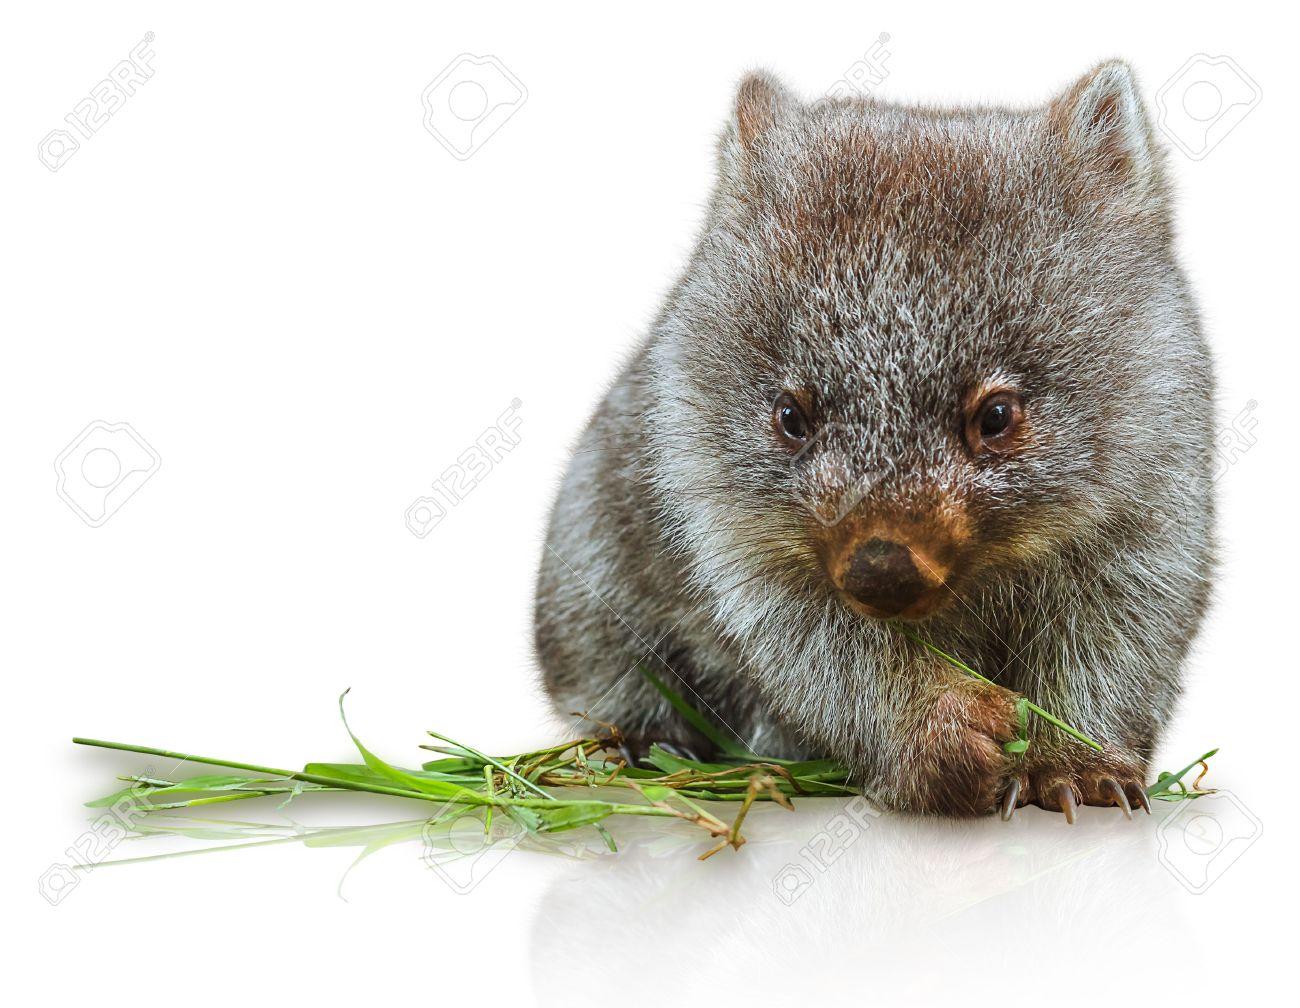 Wombat clipart cute Fans clipart wombat 62 #38